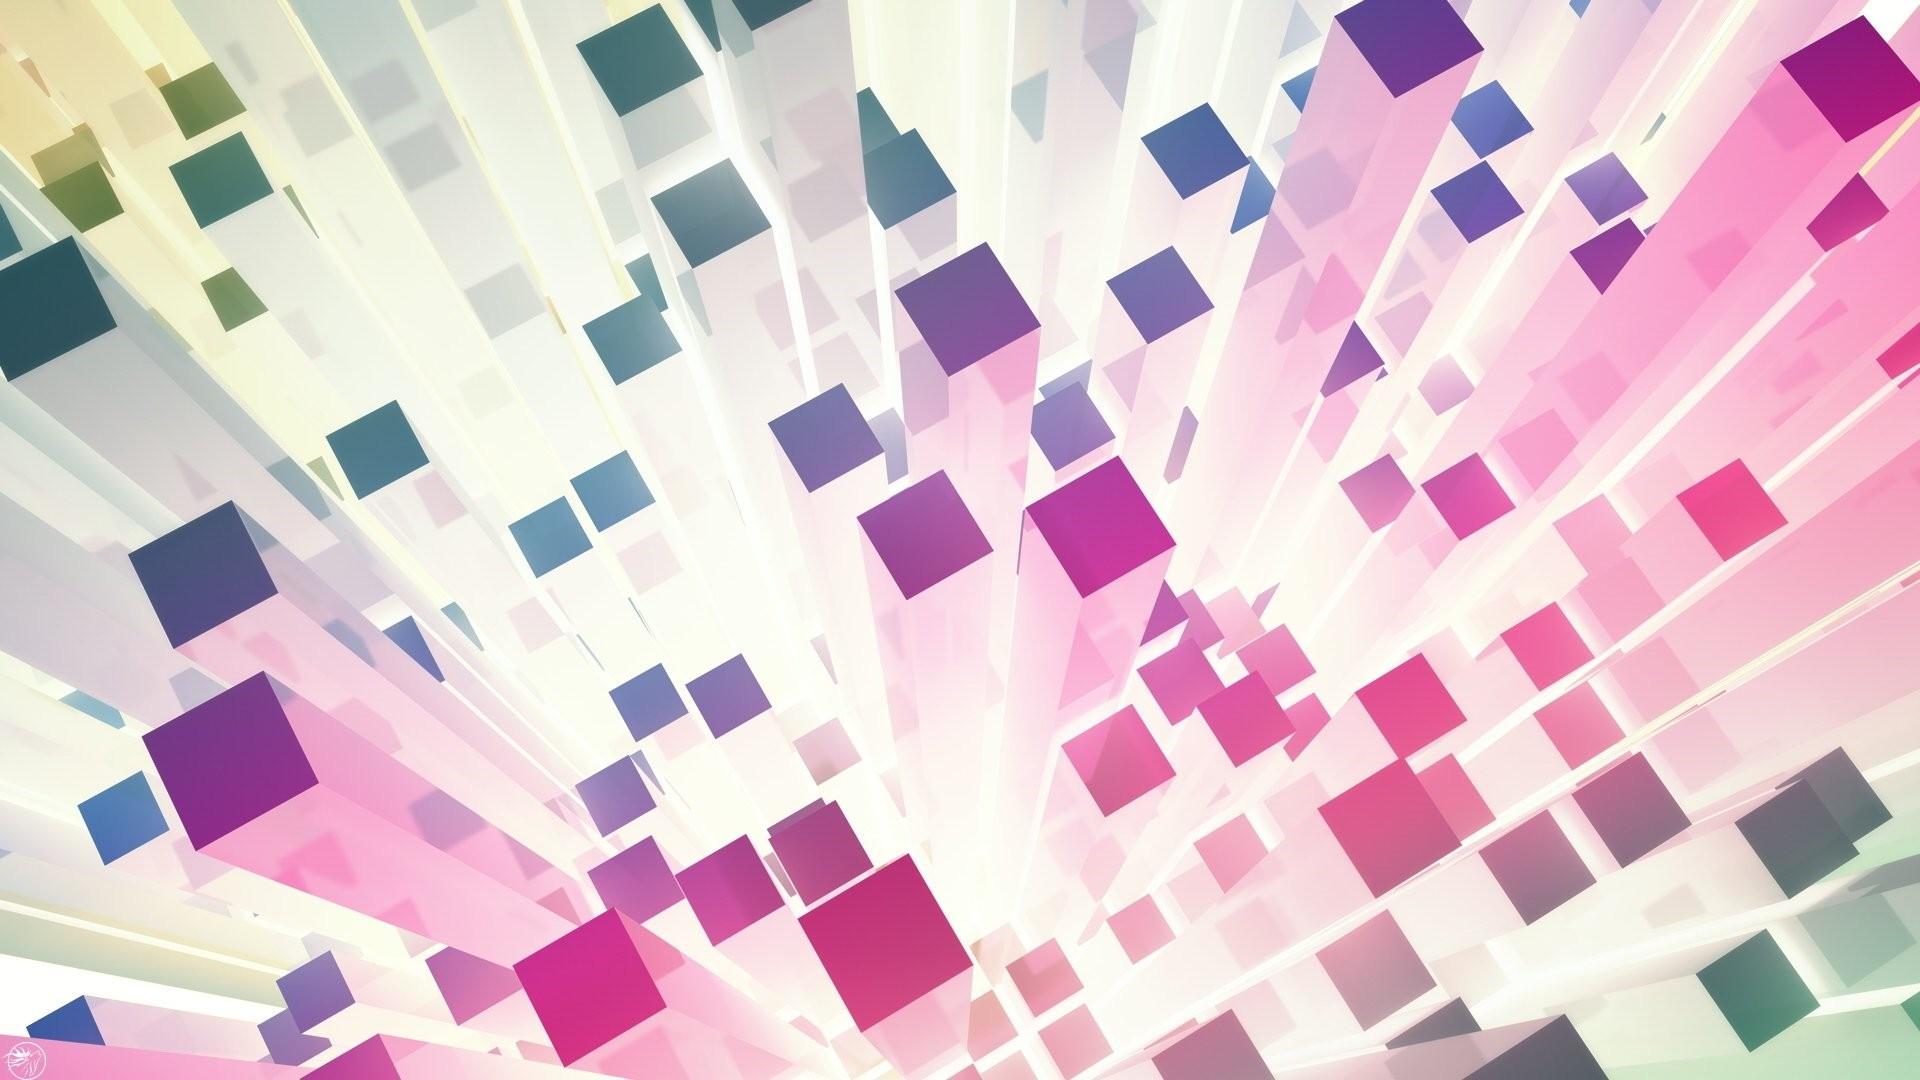 Square PC Wallpaper